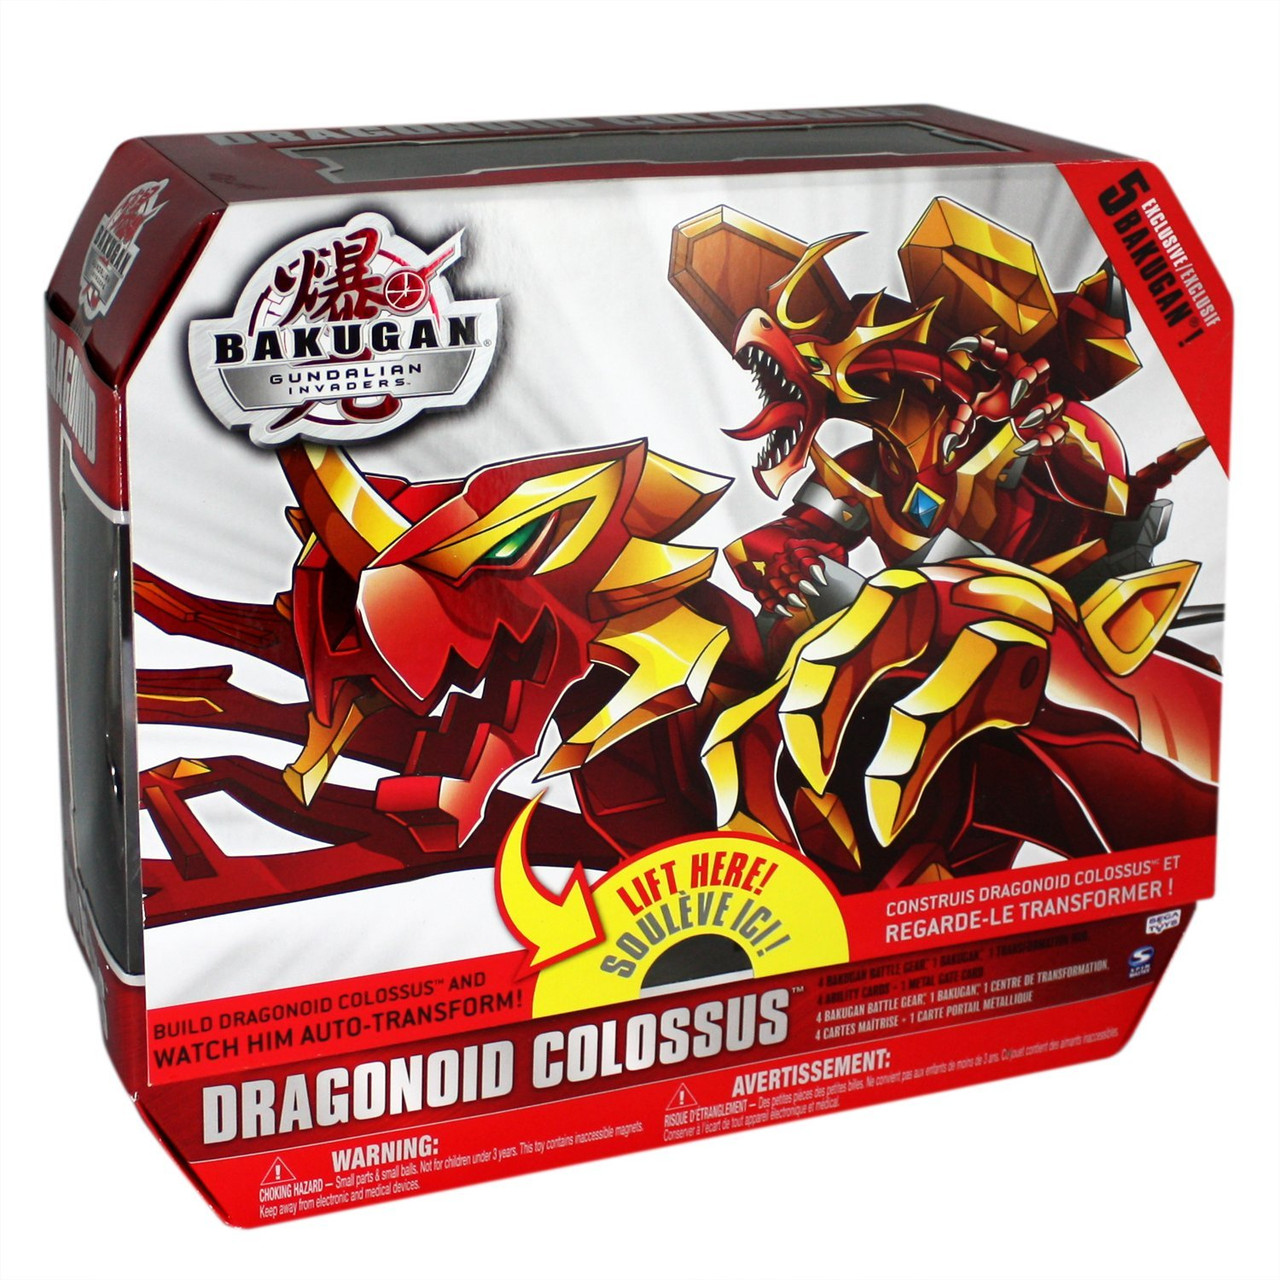 Игрушка Драгоноид Колоссус, Бакуган - Dragonoid Colossus, Bakugan, Spin Master